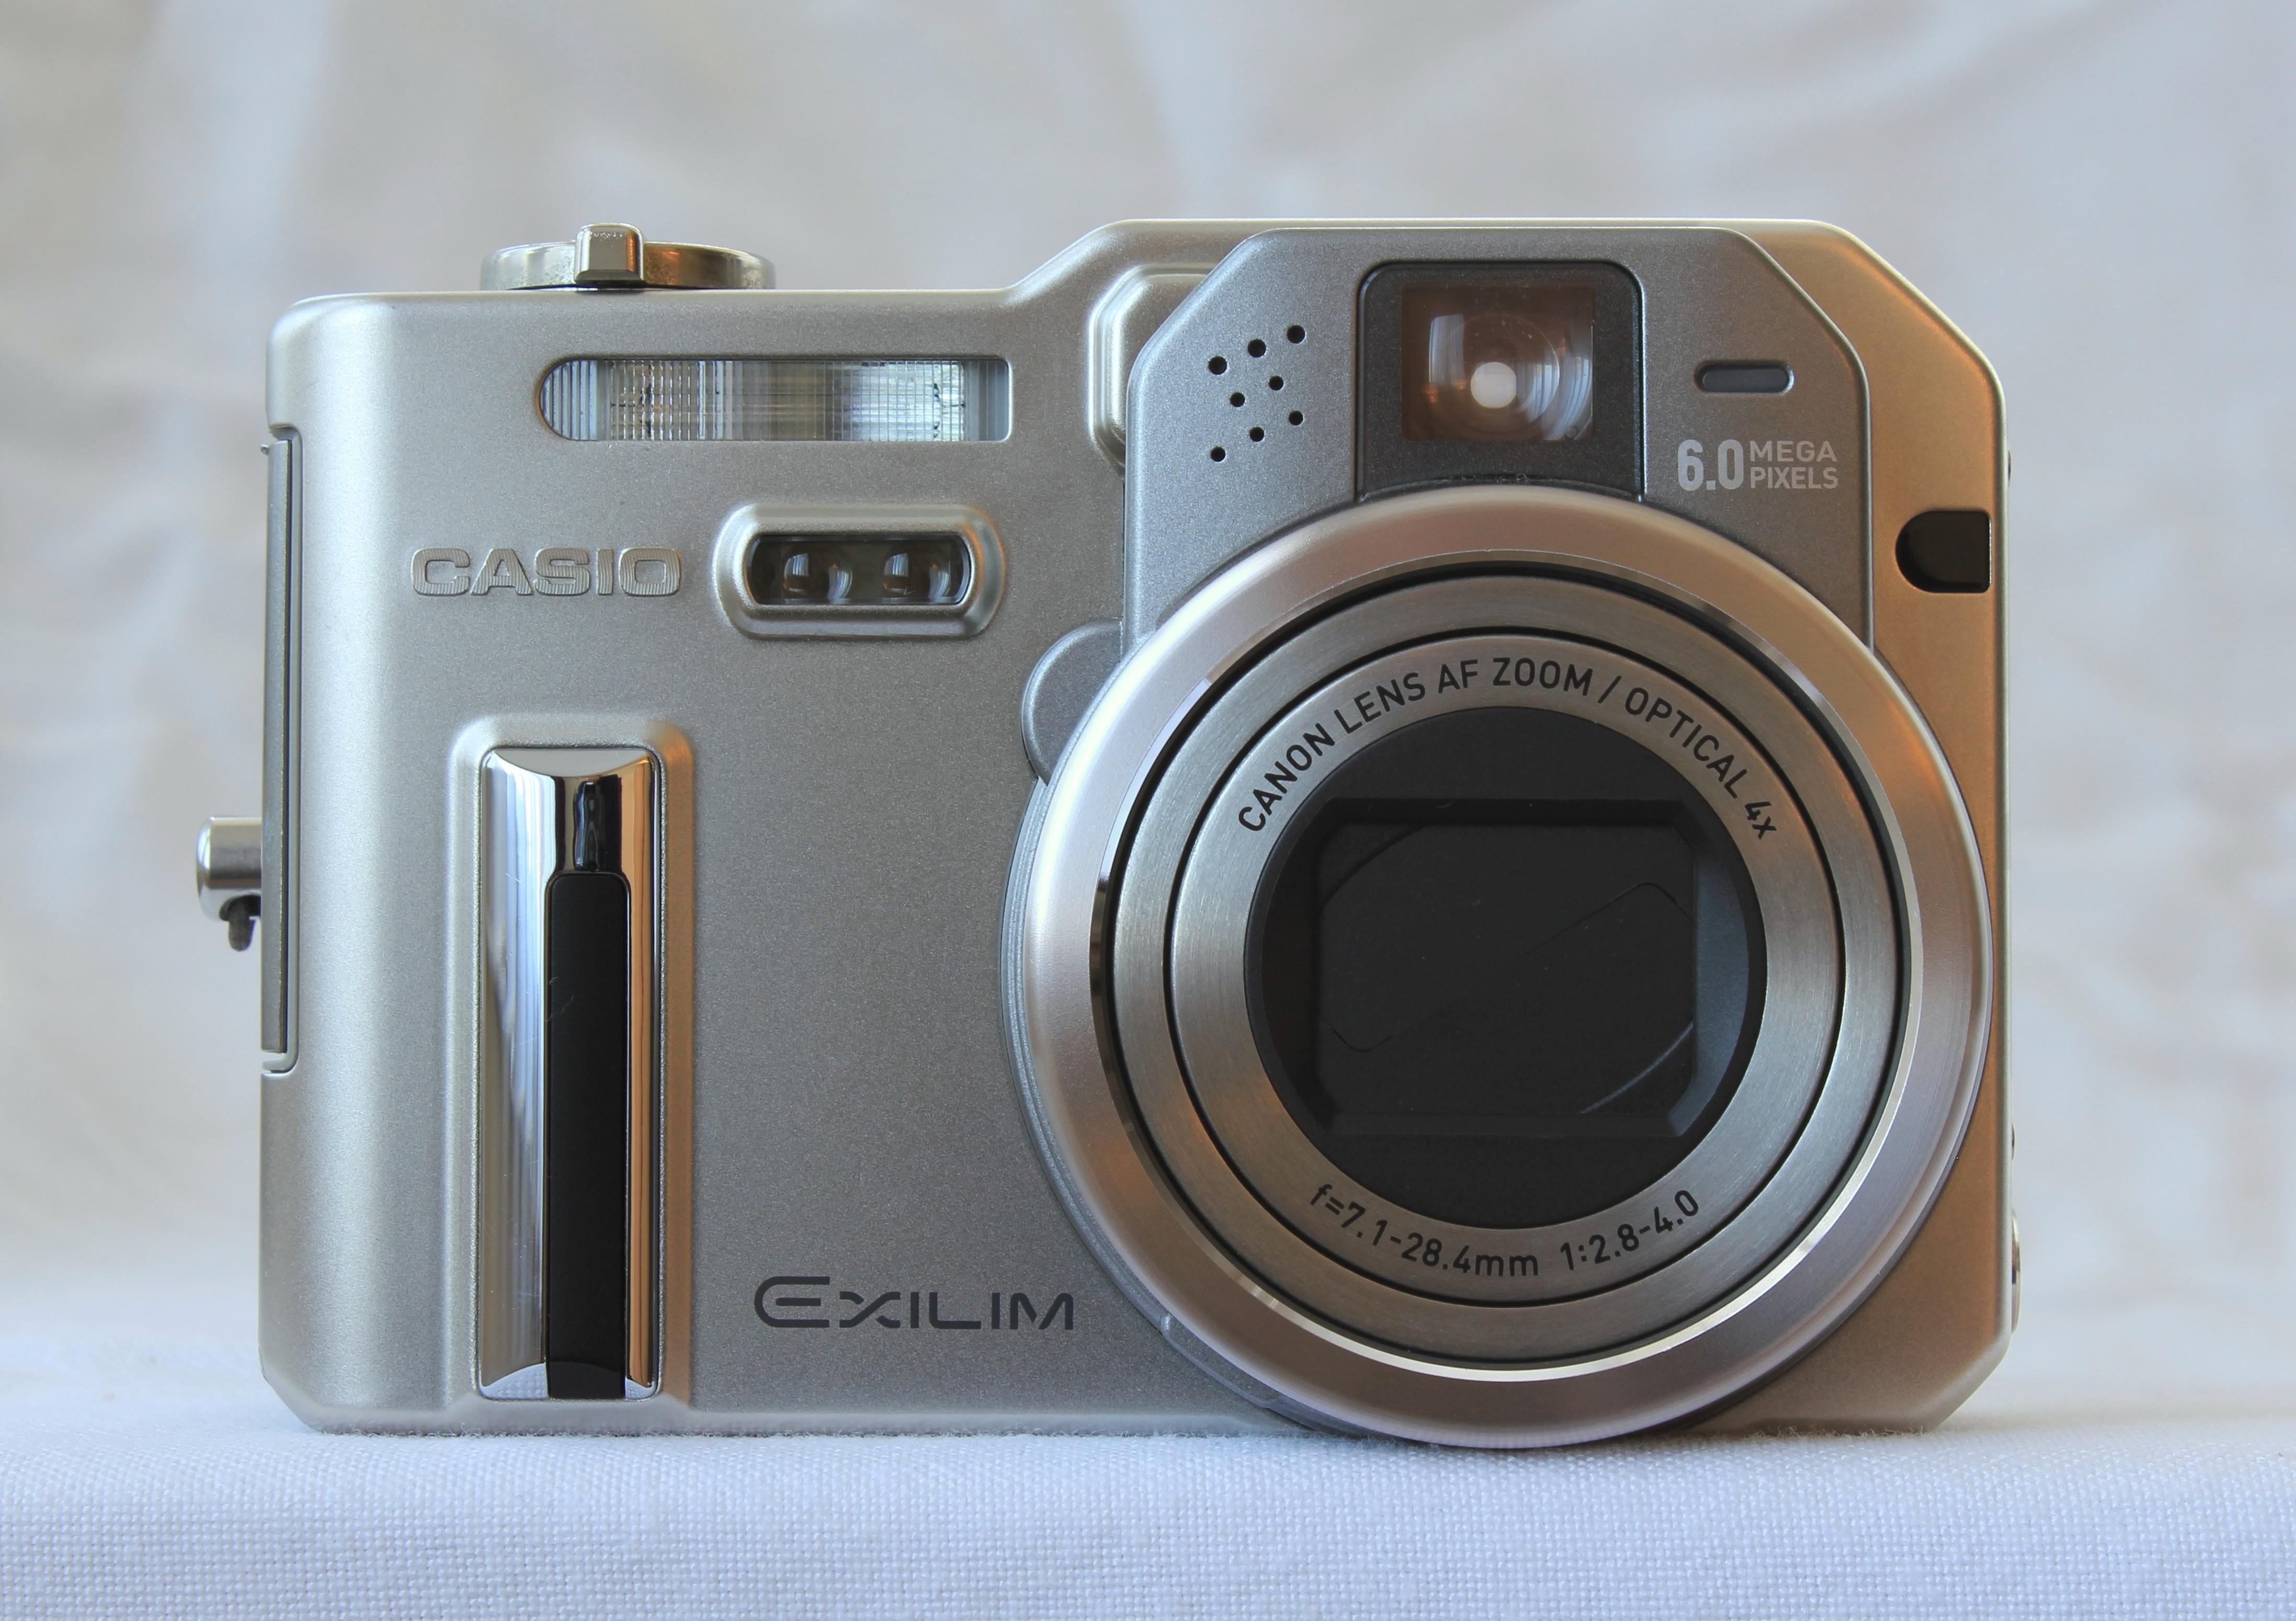 Casio Exilim EX P600 Digital Camera JPG